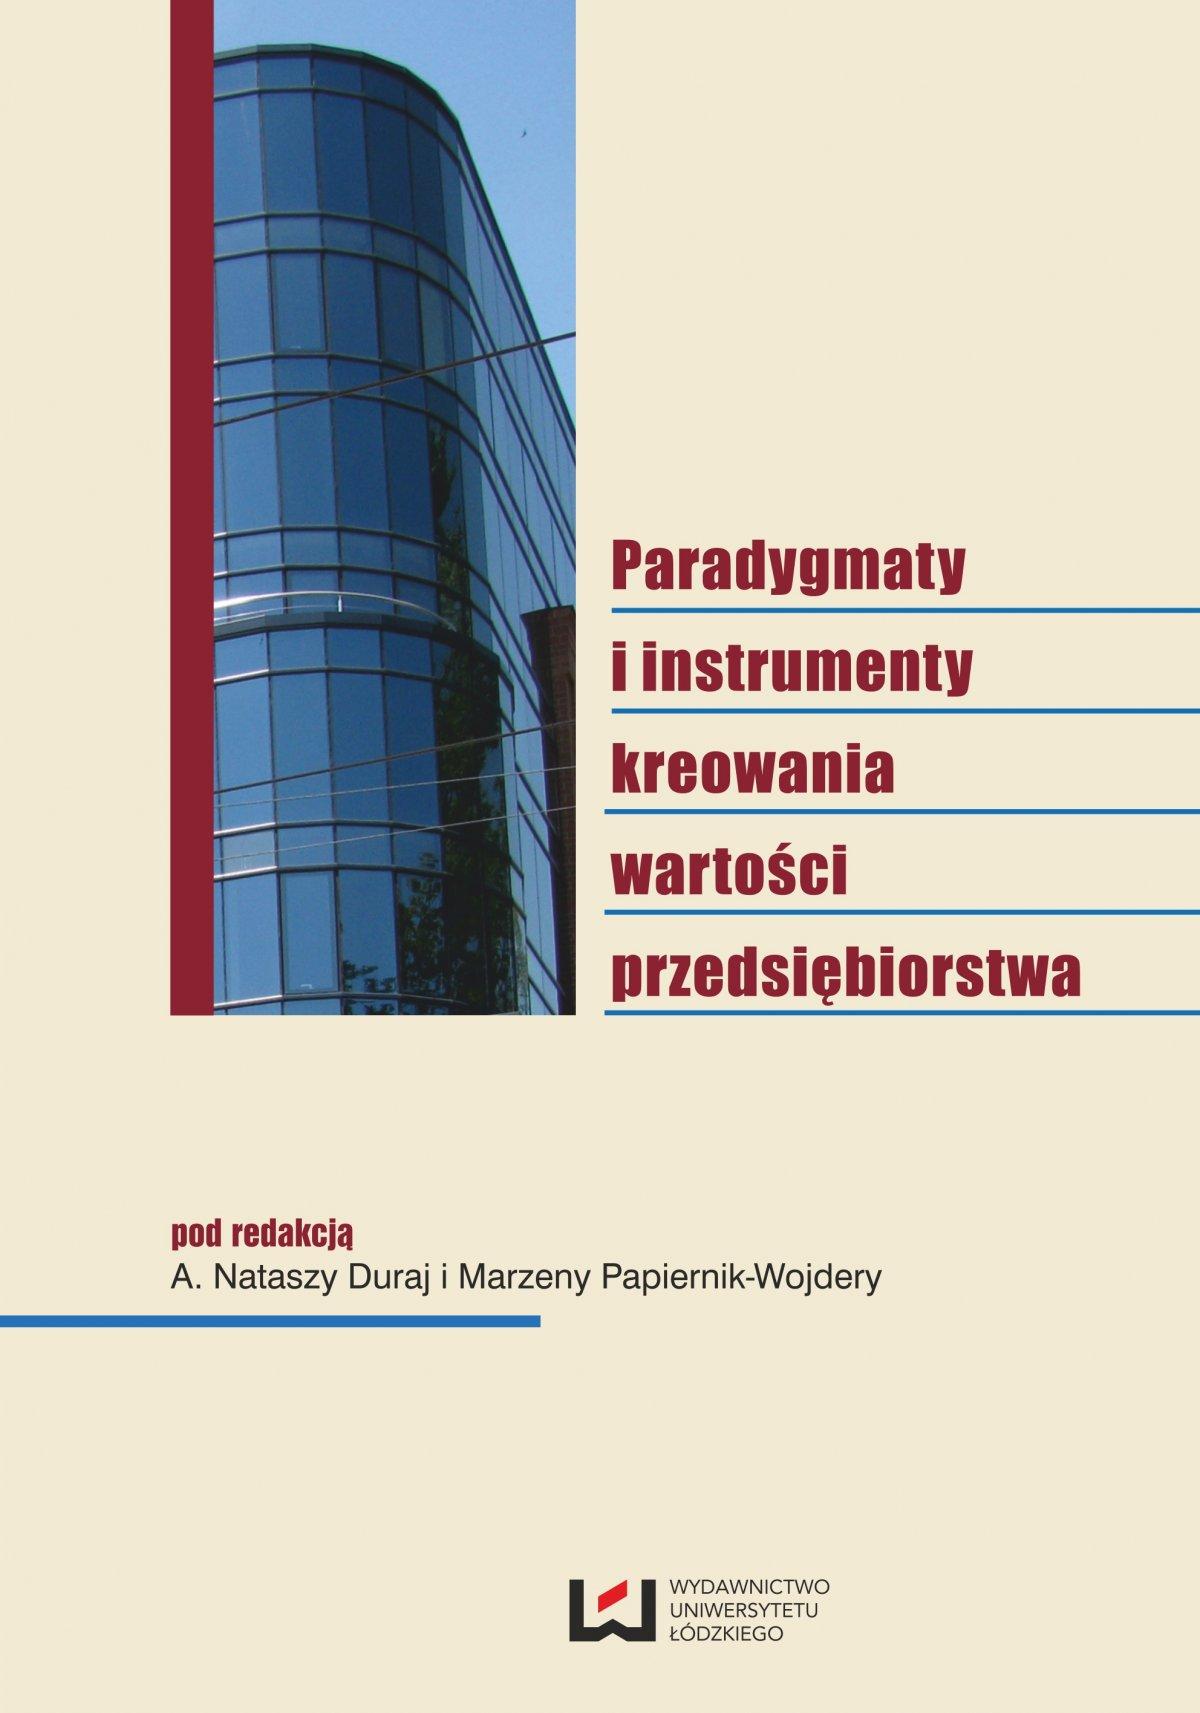 Paradygmaty i instrumenty kreowania wartości przedsiębiorstwa - Ebook (Książka PDF) do pobrania w formacie PDF